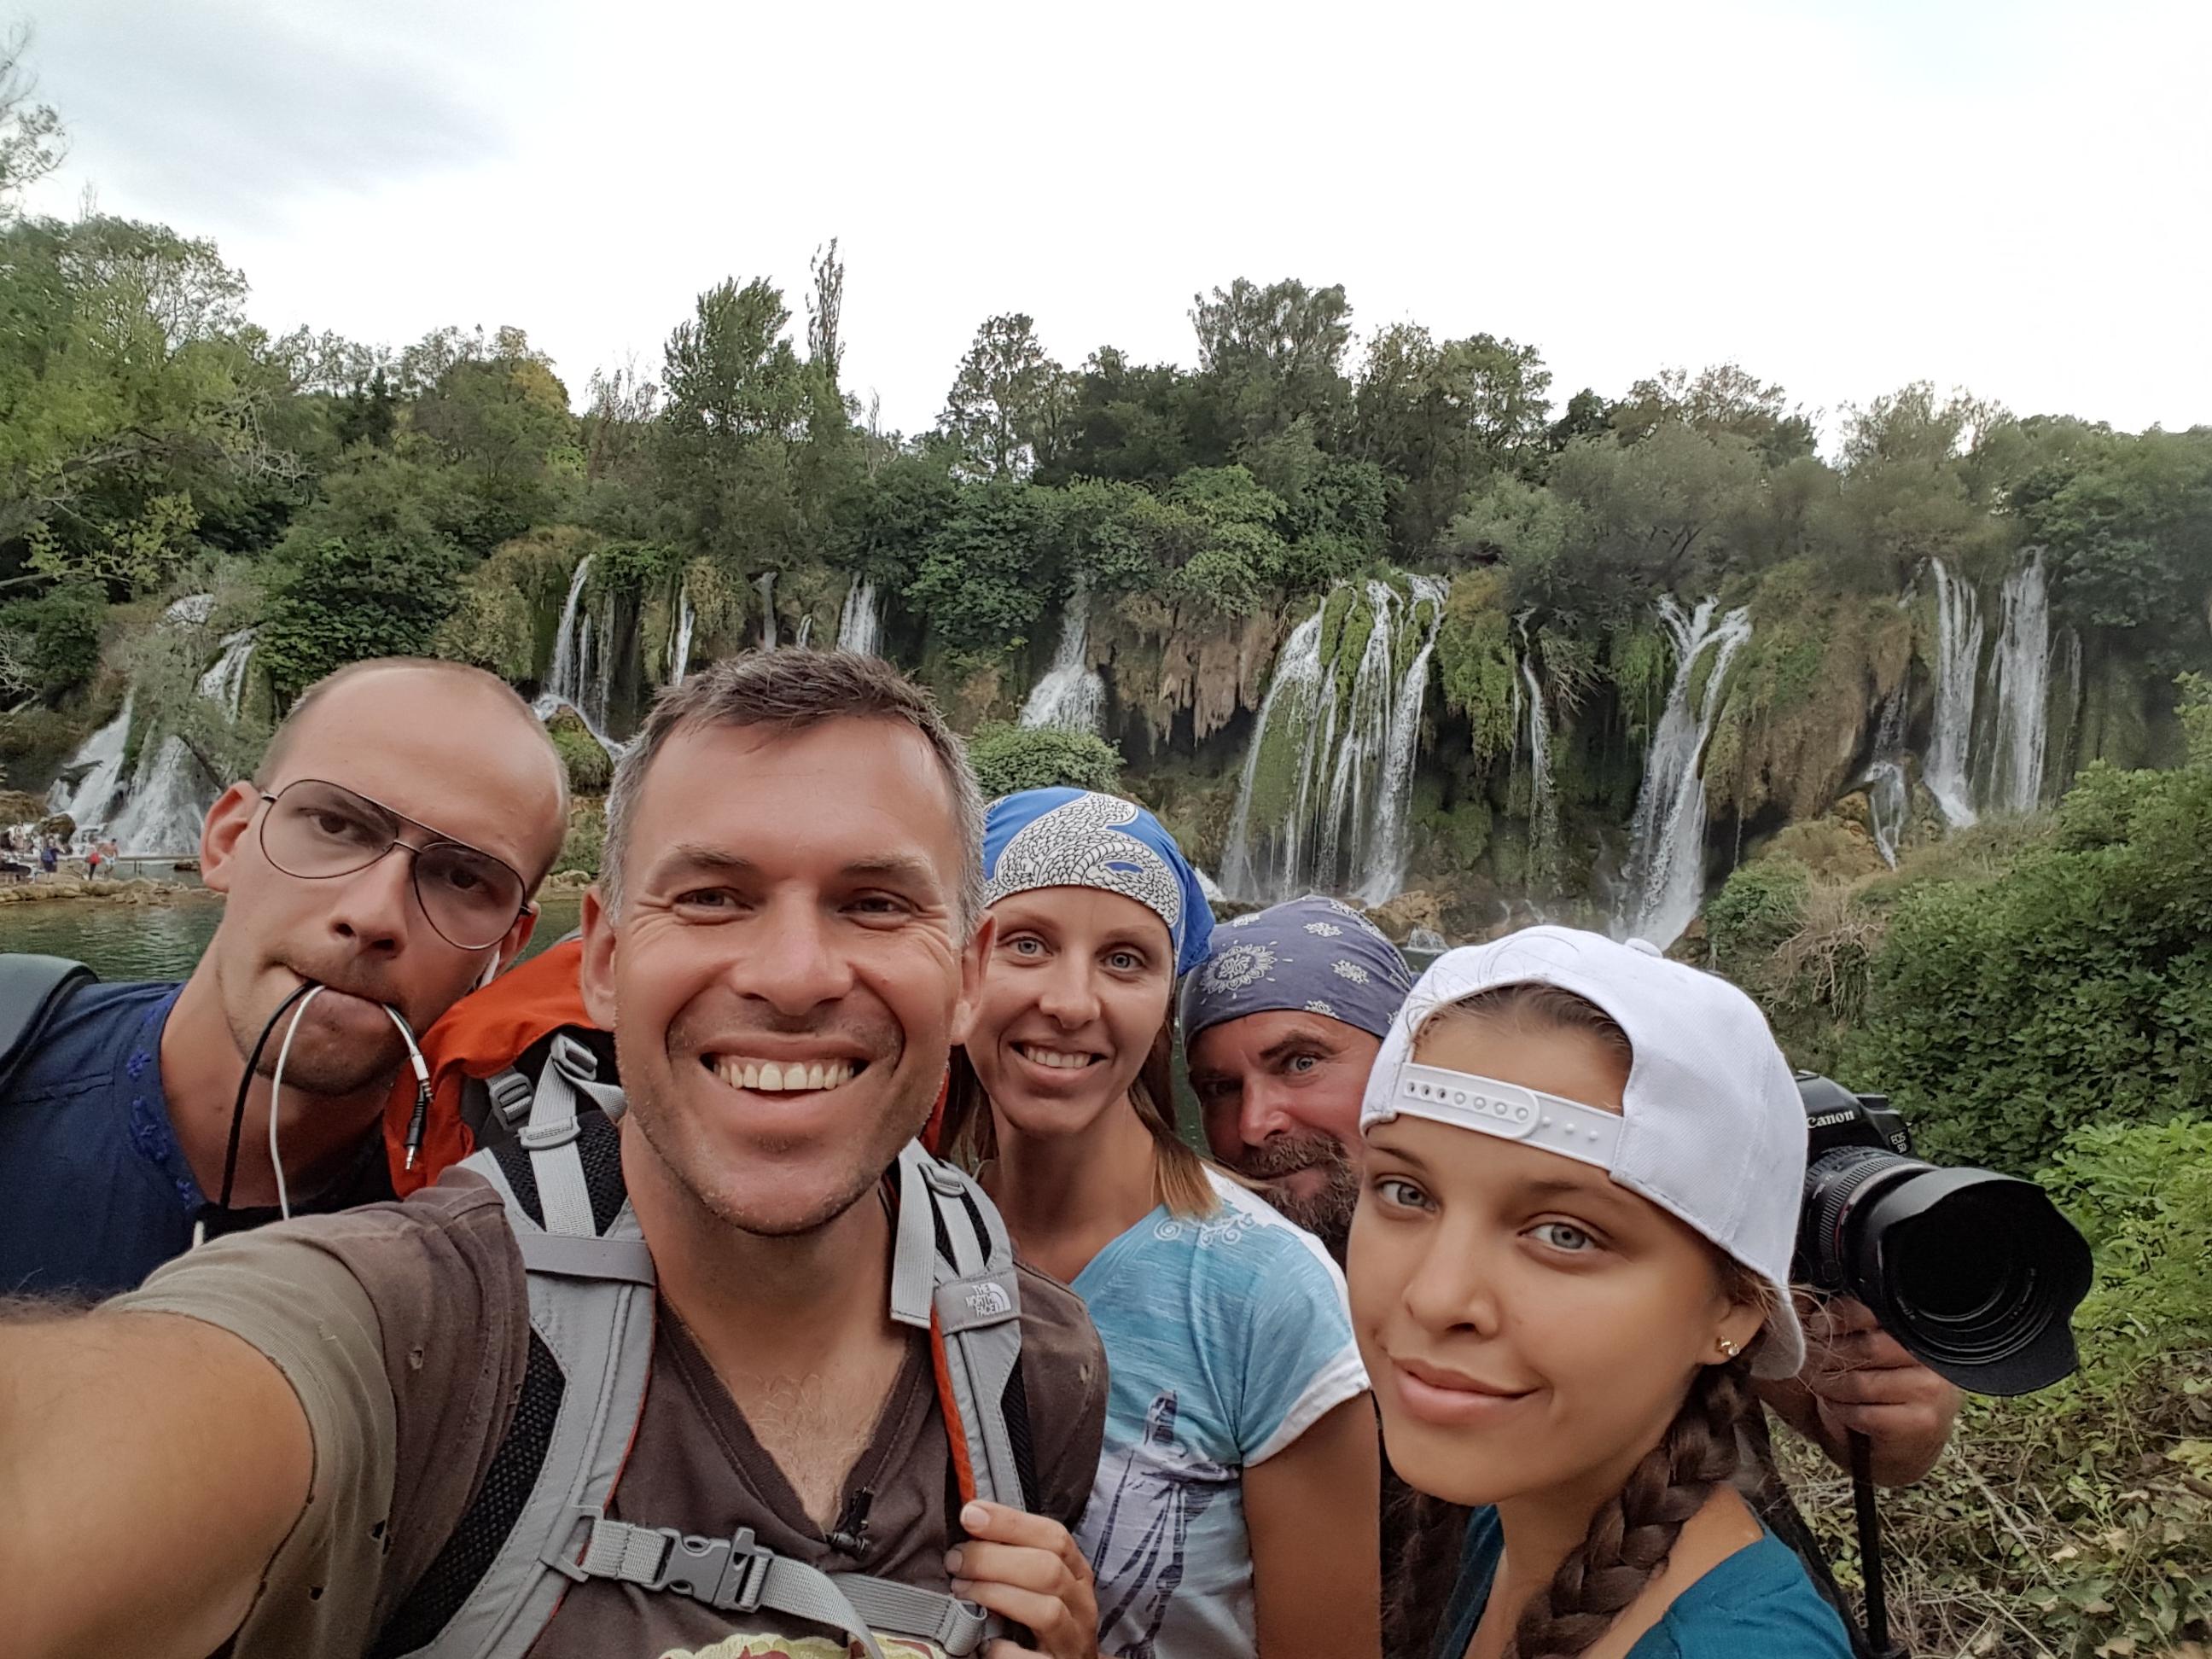 Новое тревел-шоу с Геннадием Попенко: как на мотоцикле проехаться по Албании, погулять на сербском фестивале и пообщаться с хорватами на украинском языке - фото №2